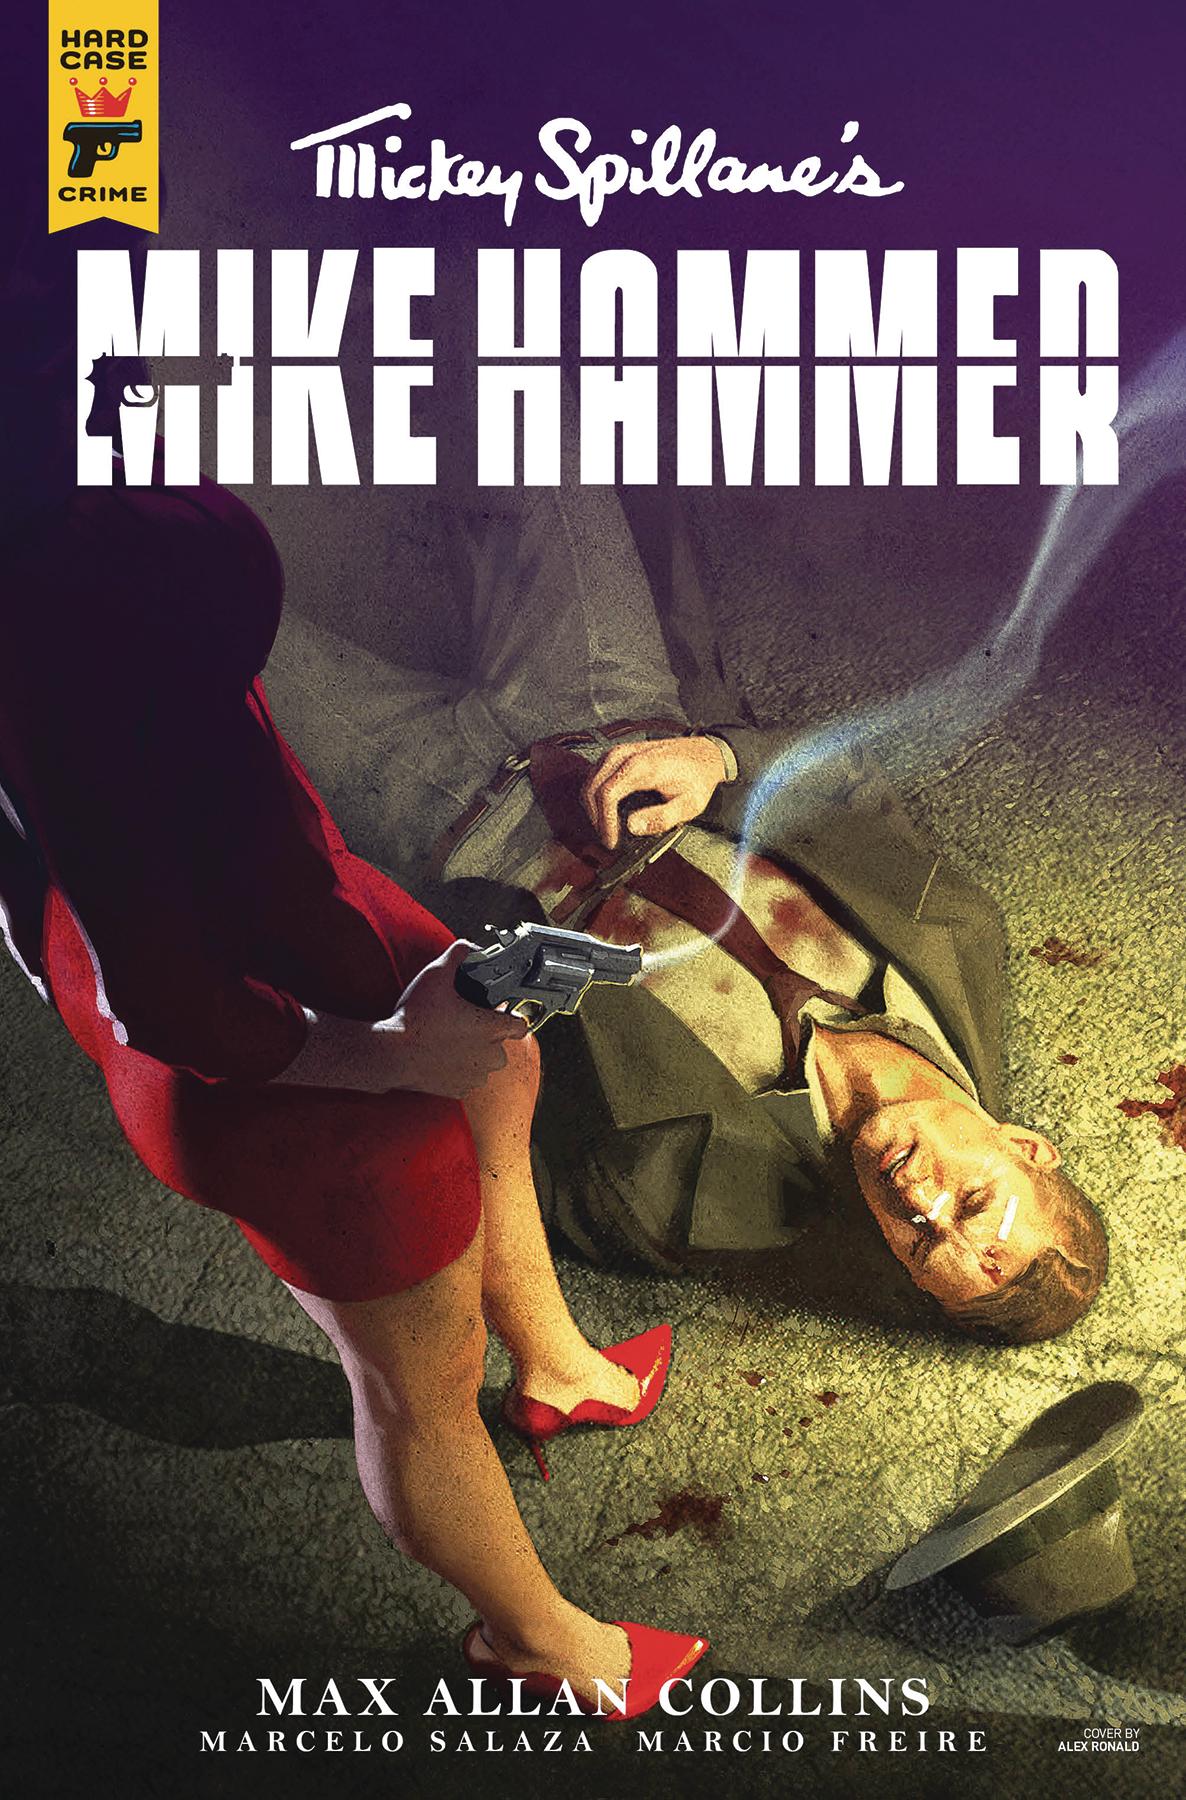 MIKE HAMMER #4 CVR A RONALD